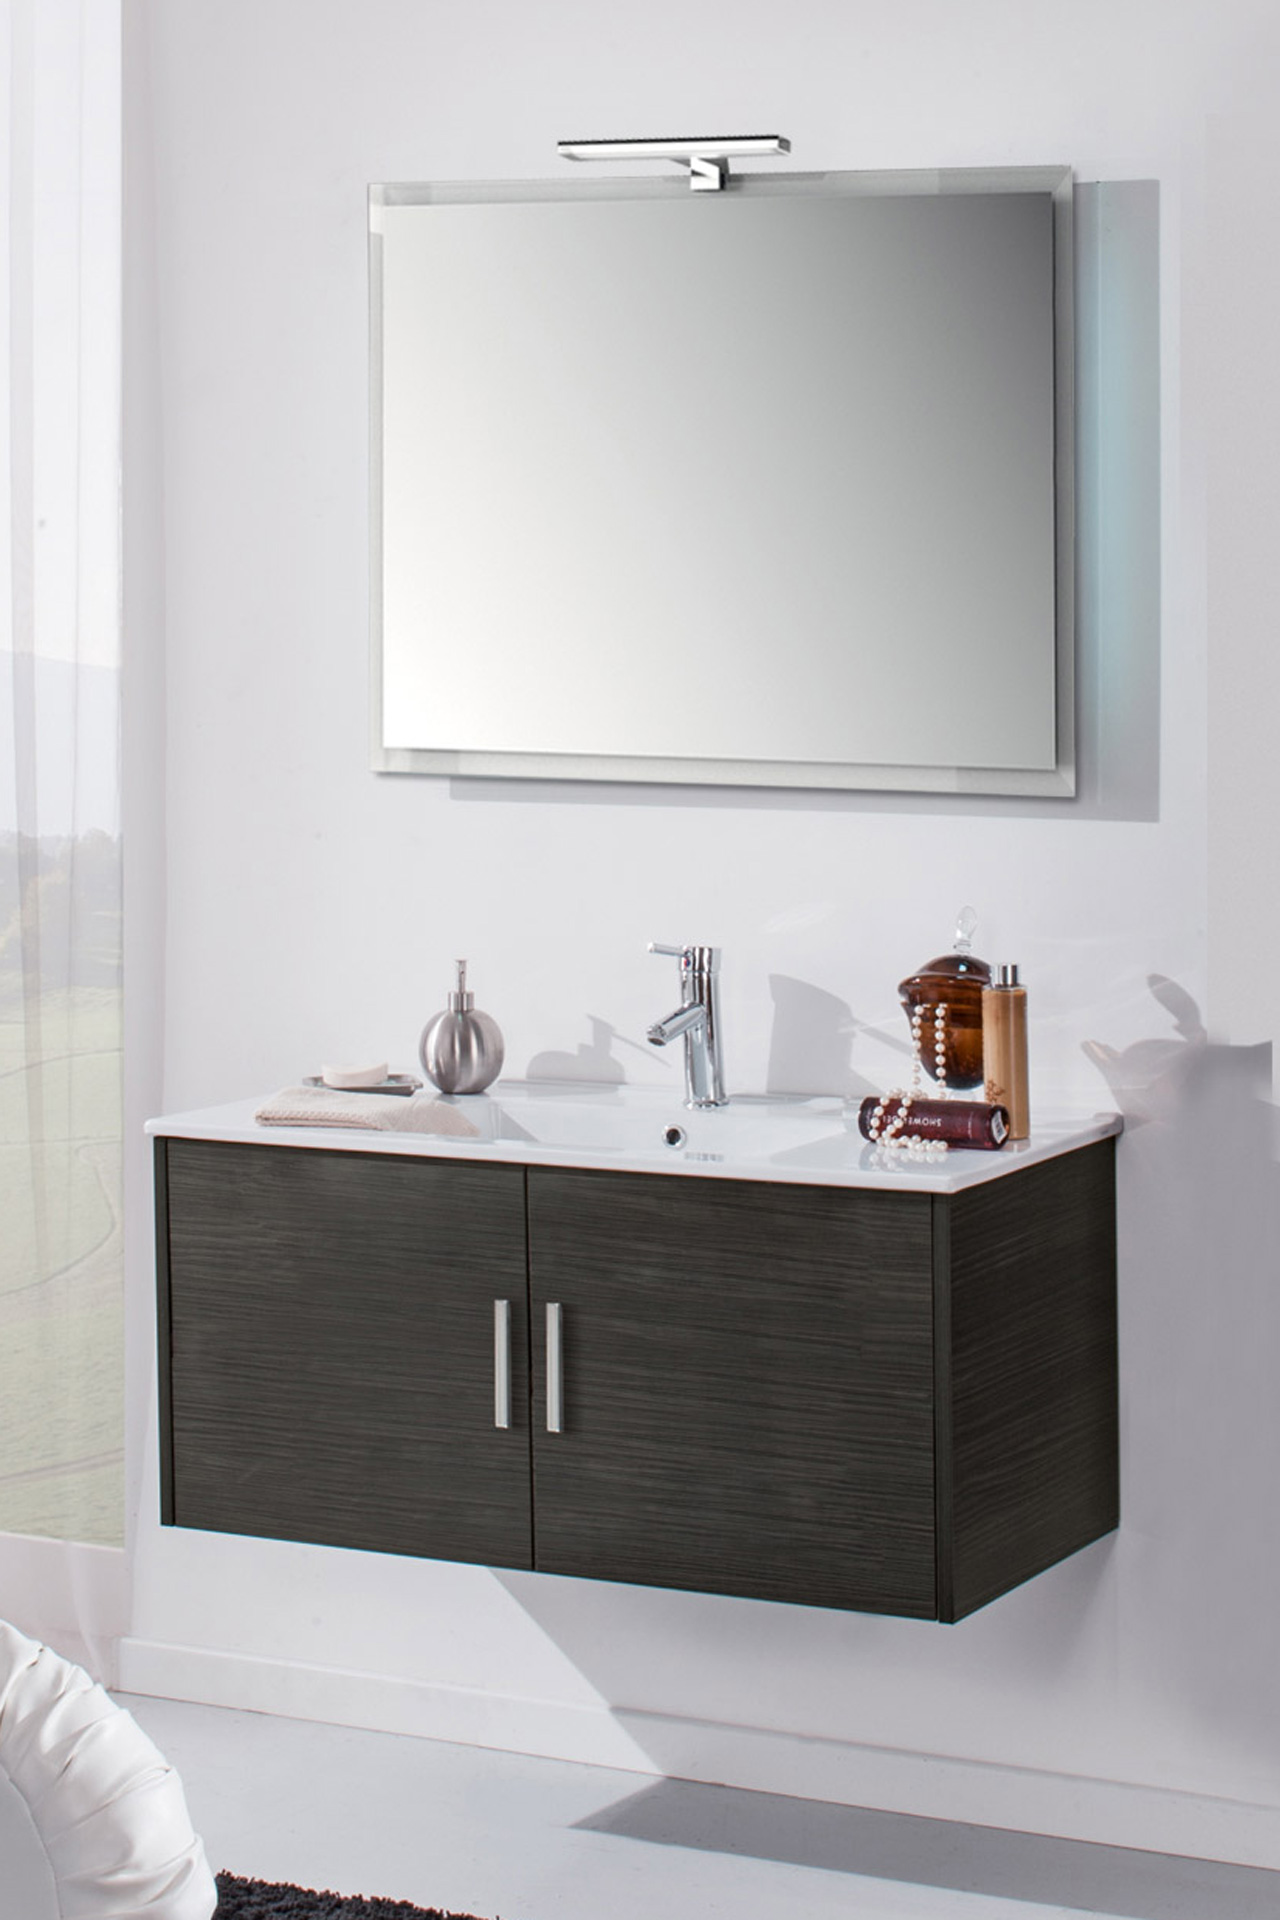 Mobile bagno sospeso 2 ante lavabo specchiera applique led - Specchiera bagno legno ...